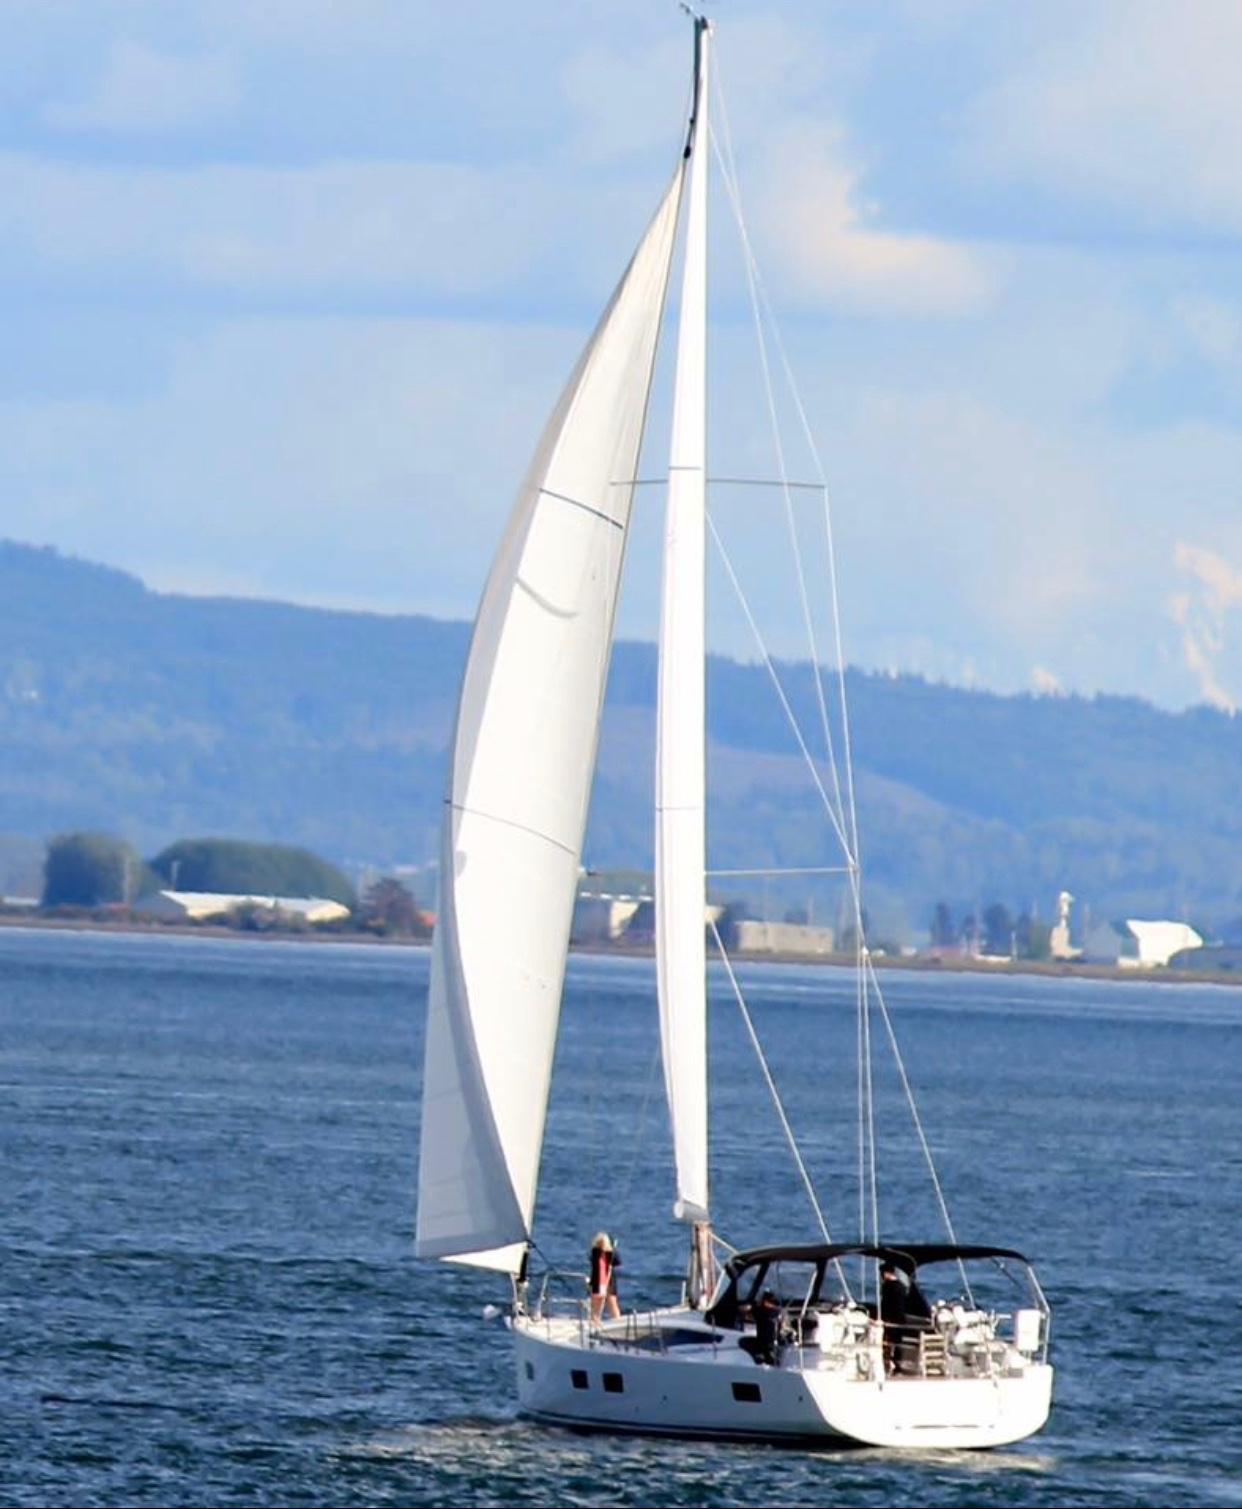 Southern Cross Jeanneau 2016 54 54 Yacht For Sale In Us